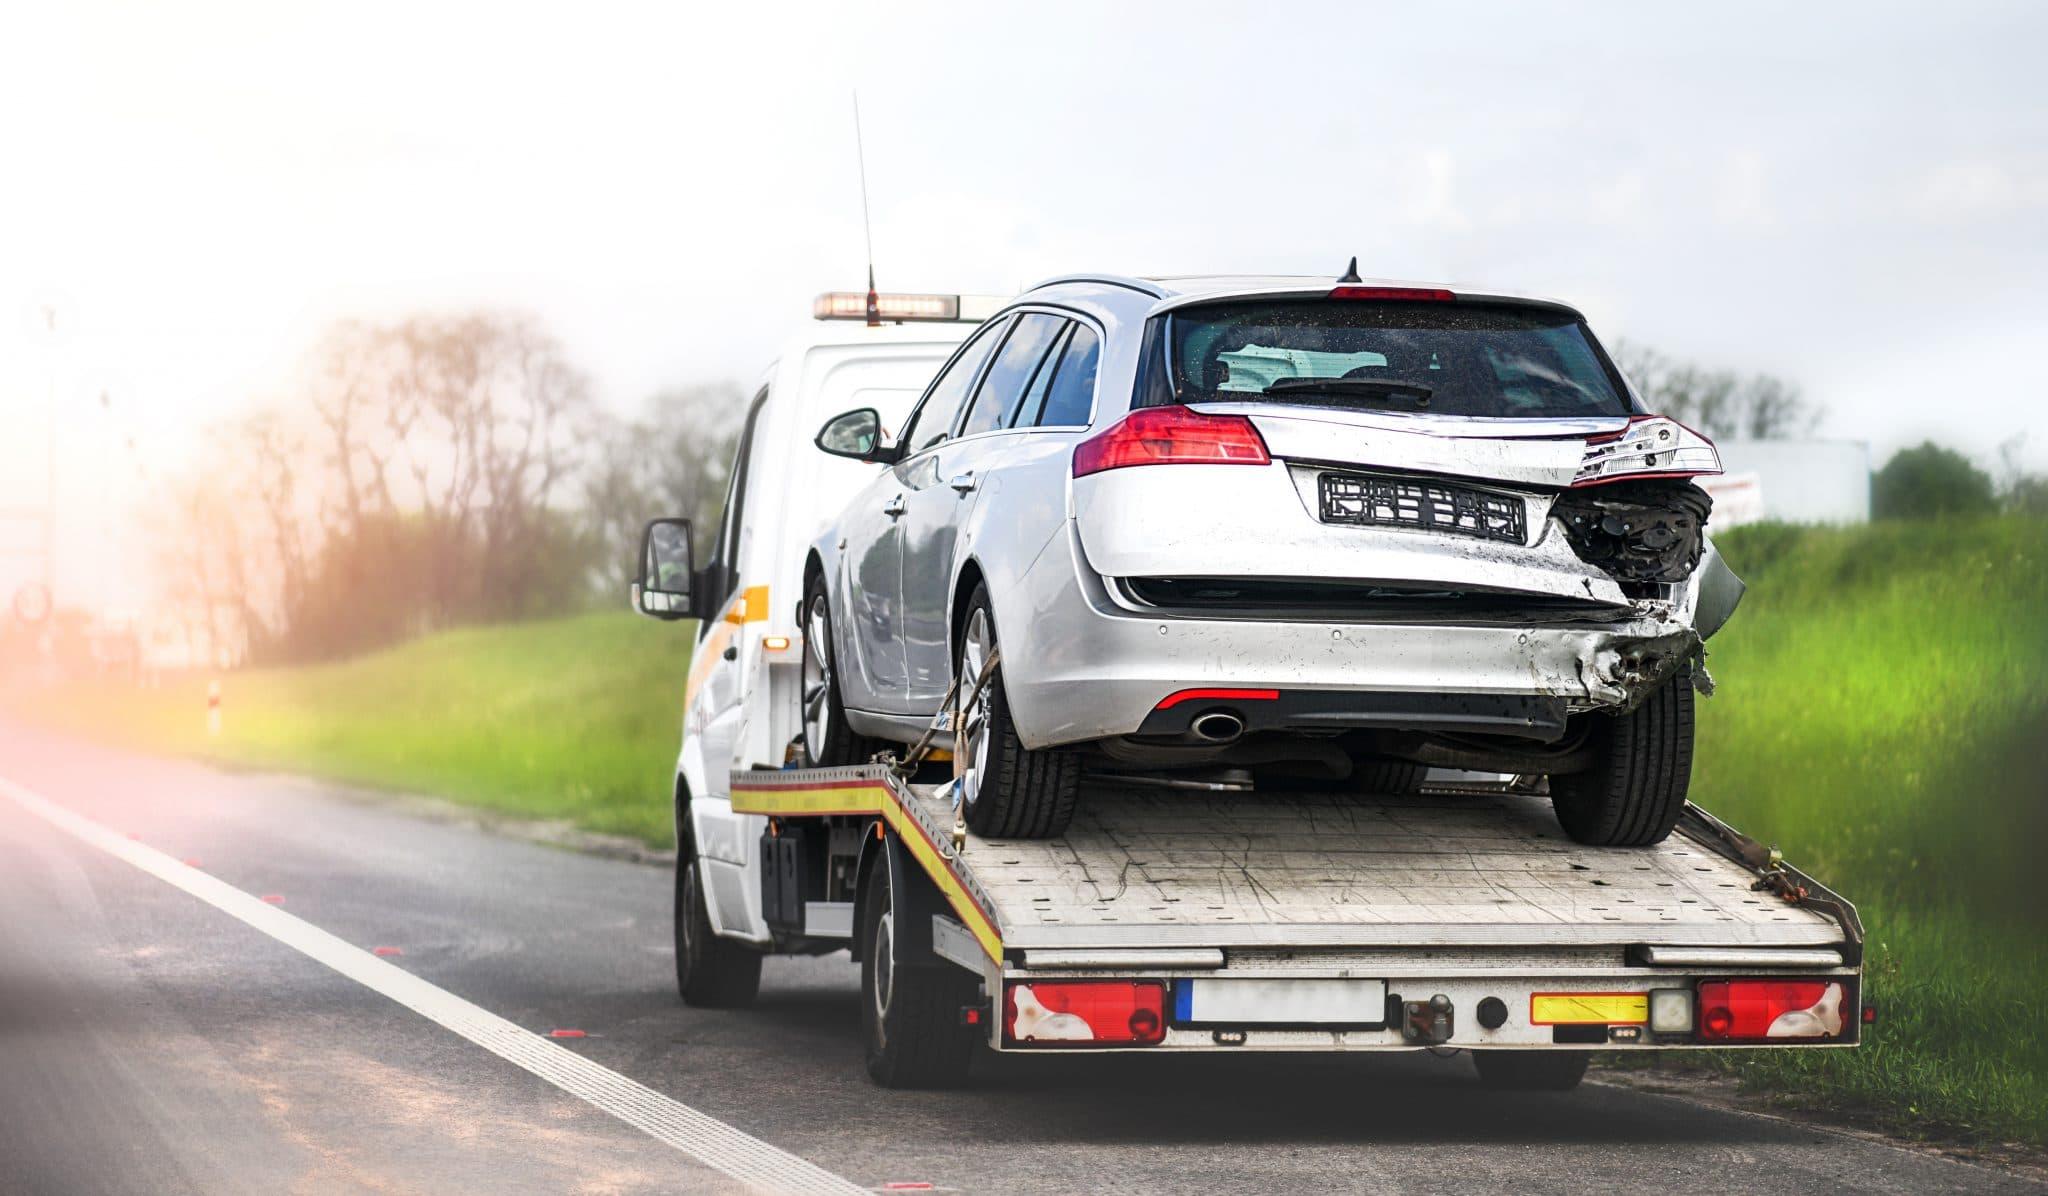 Comment se débarrasser d'une voiture épave ?